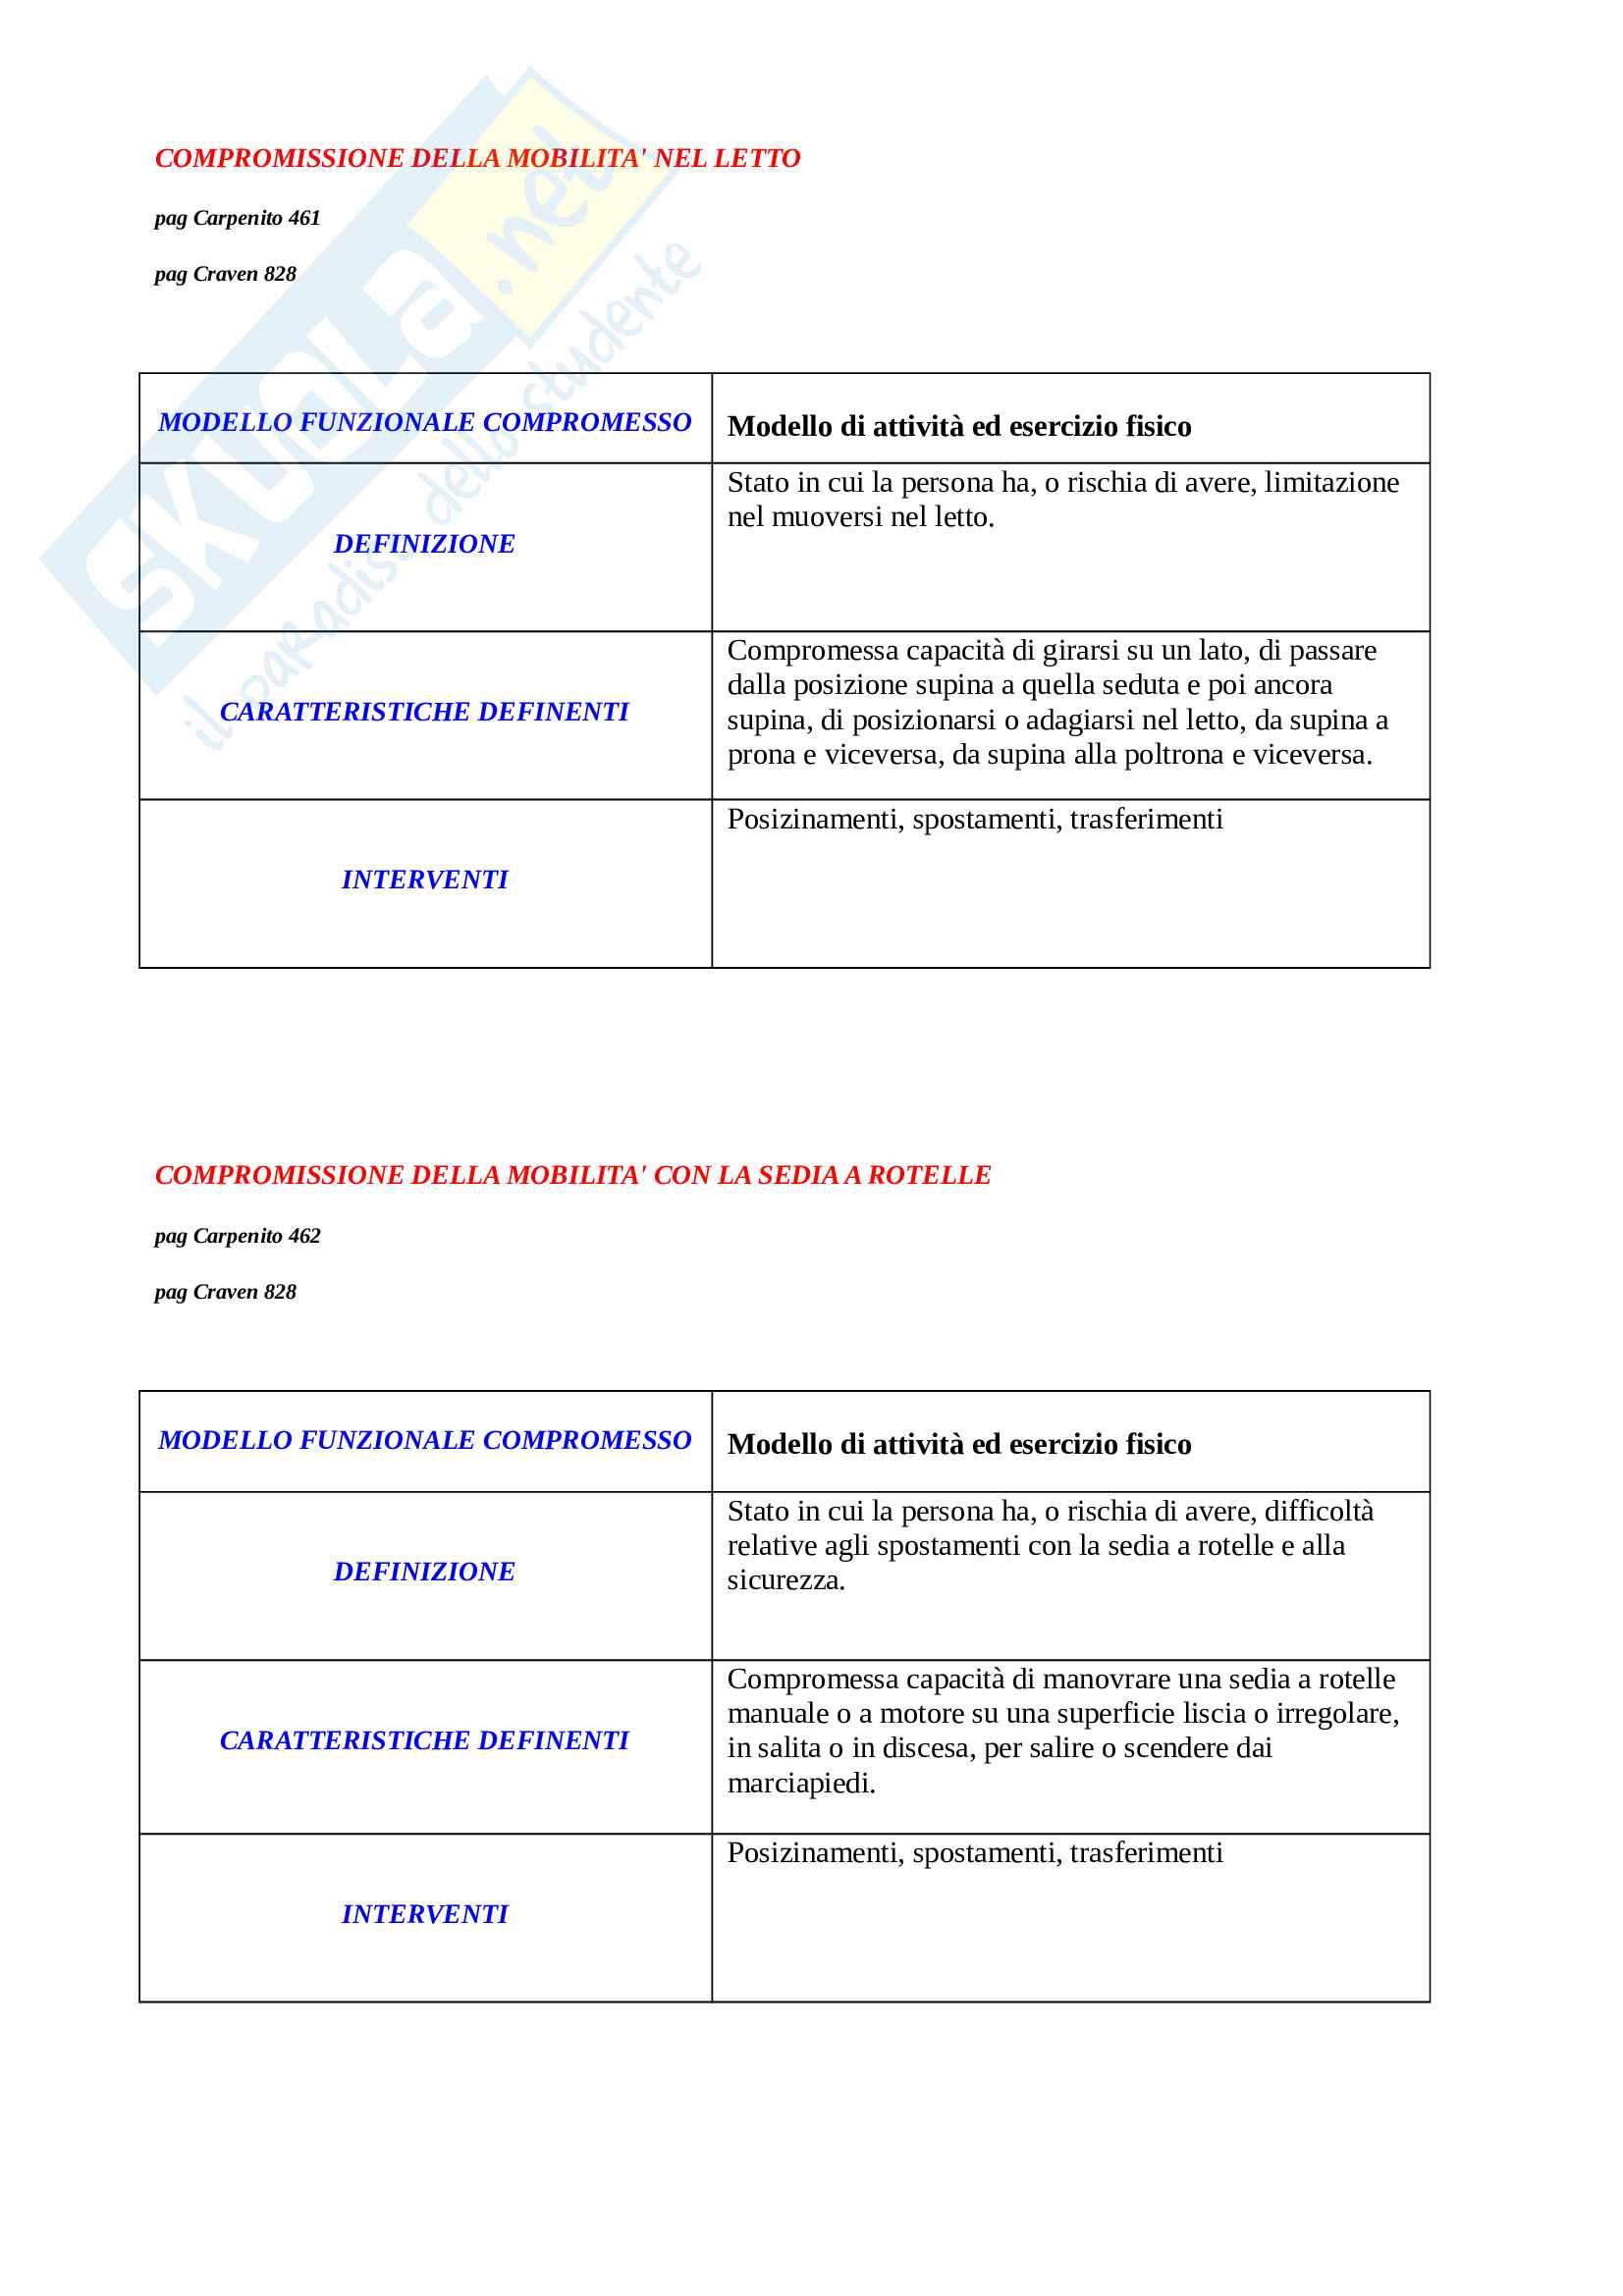 Diagnosi infermieristiche Pag. 6